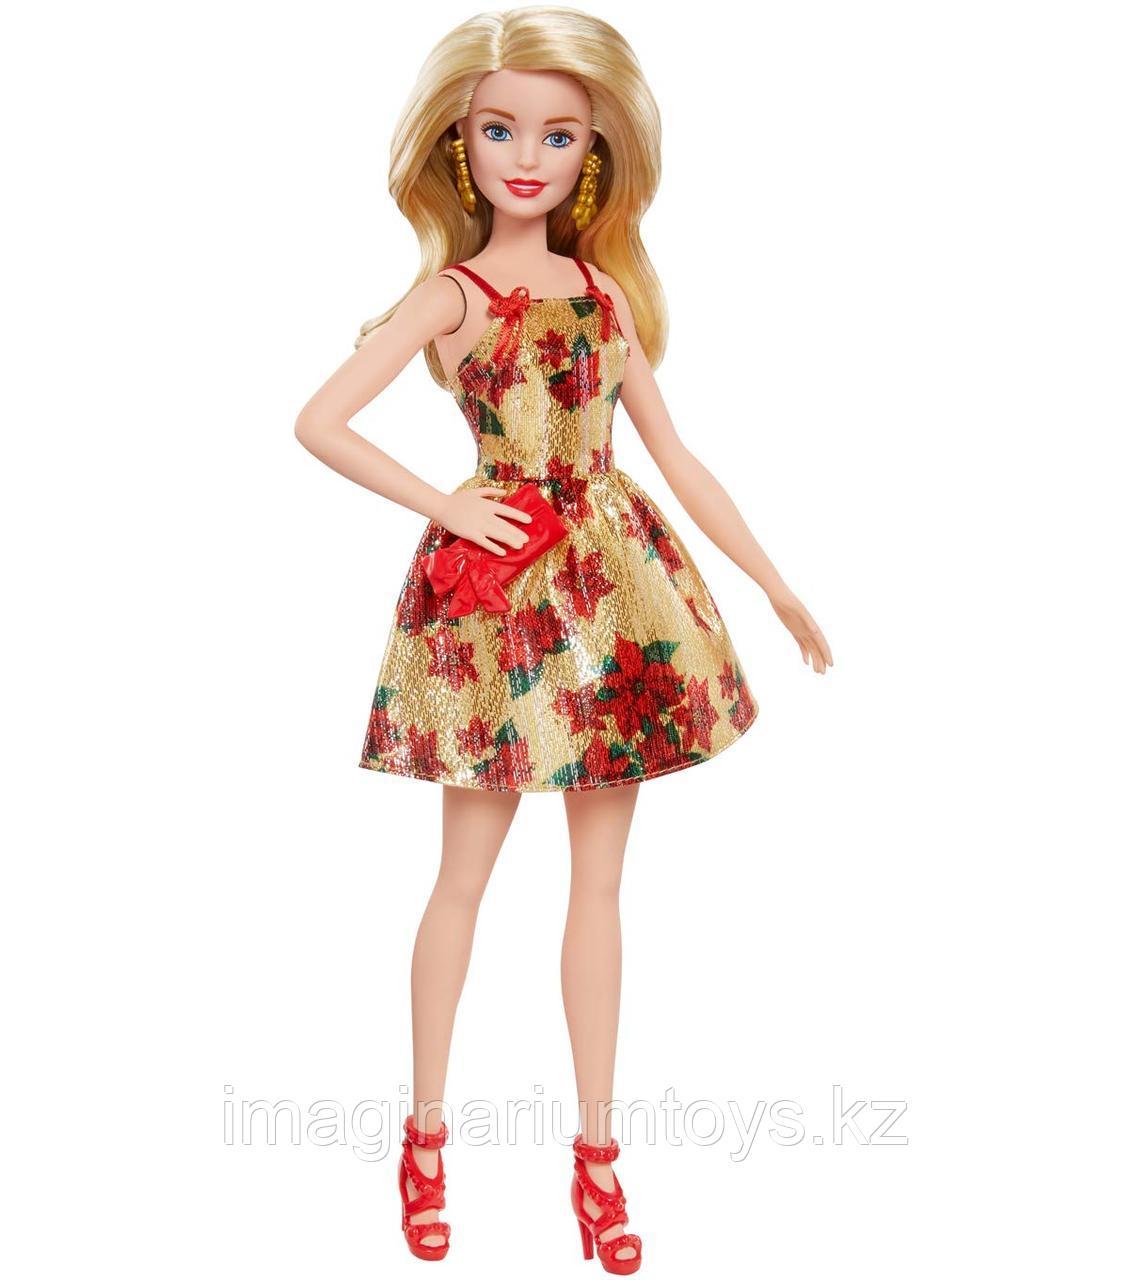 Кукла Barbie 2018 Рождественская Барби